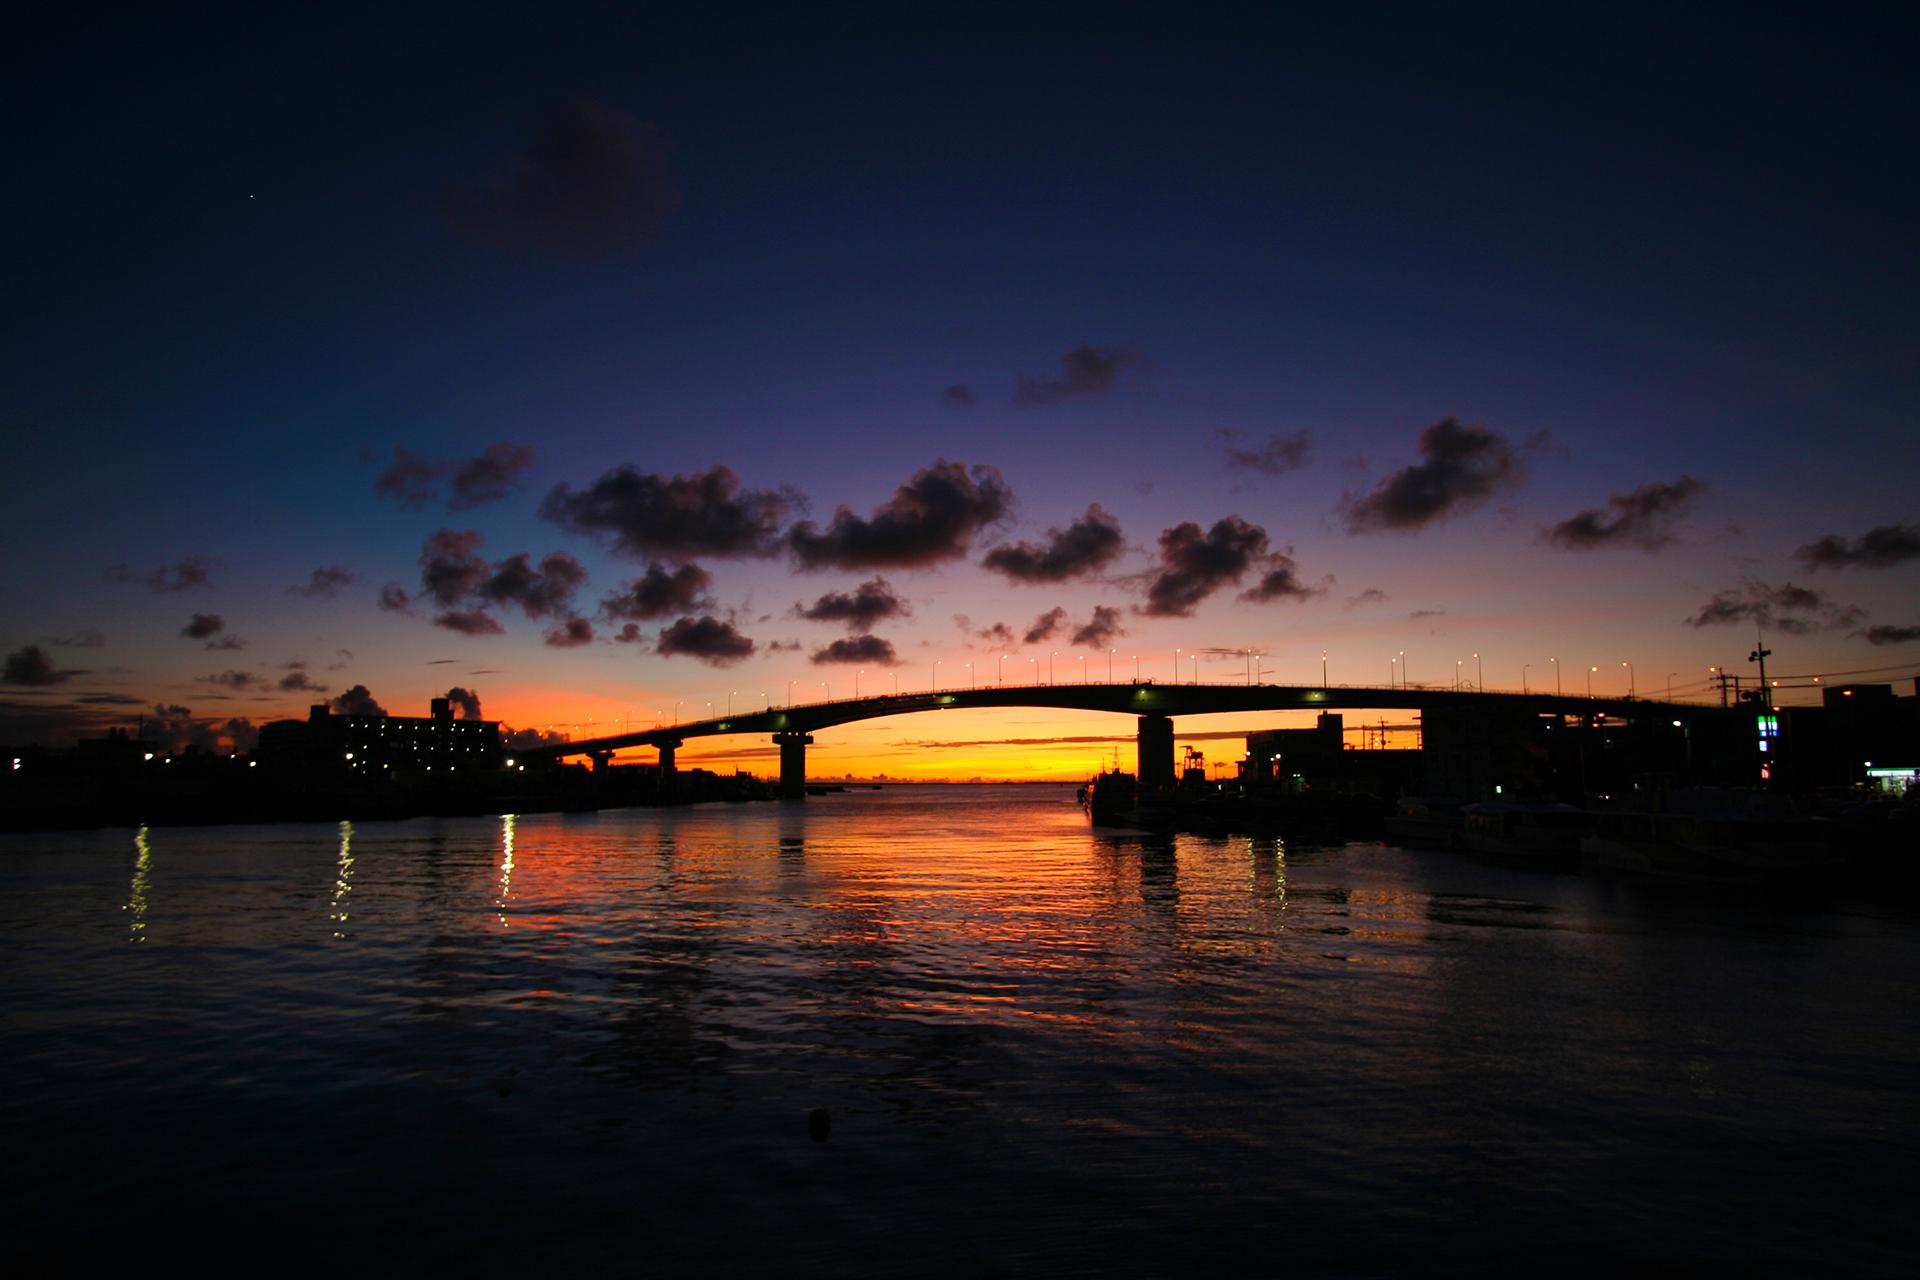 夕暮れの泊大橋 沖縄の風景